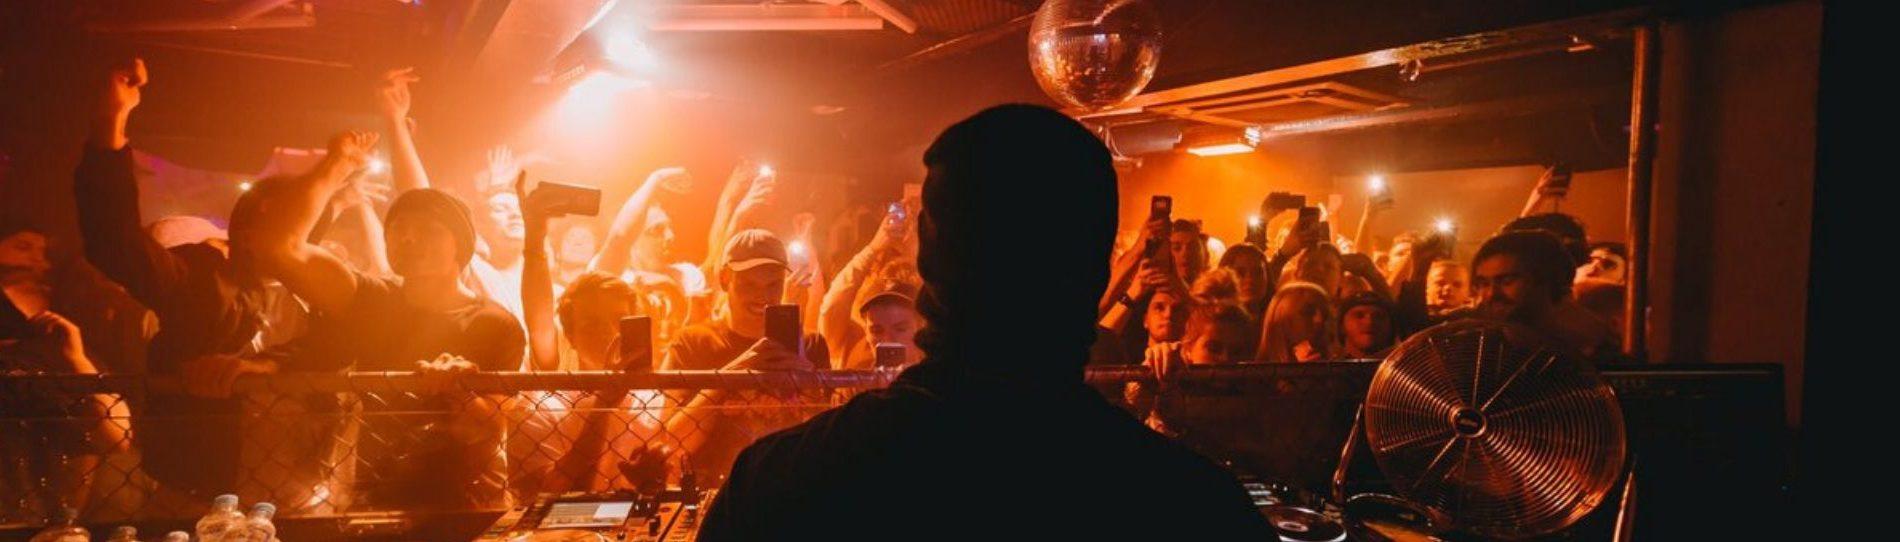 adelaide nightclubs